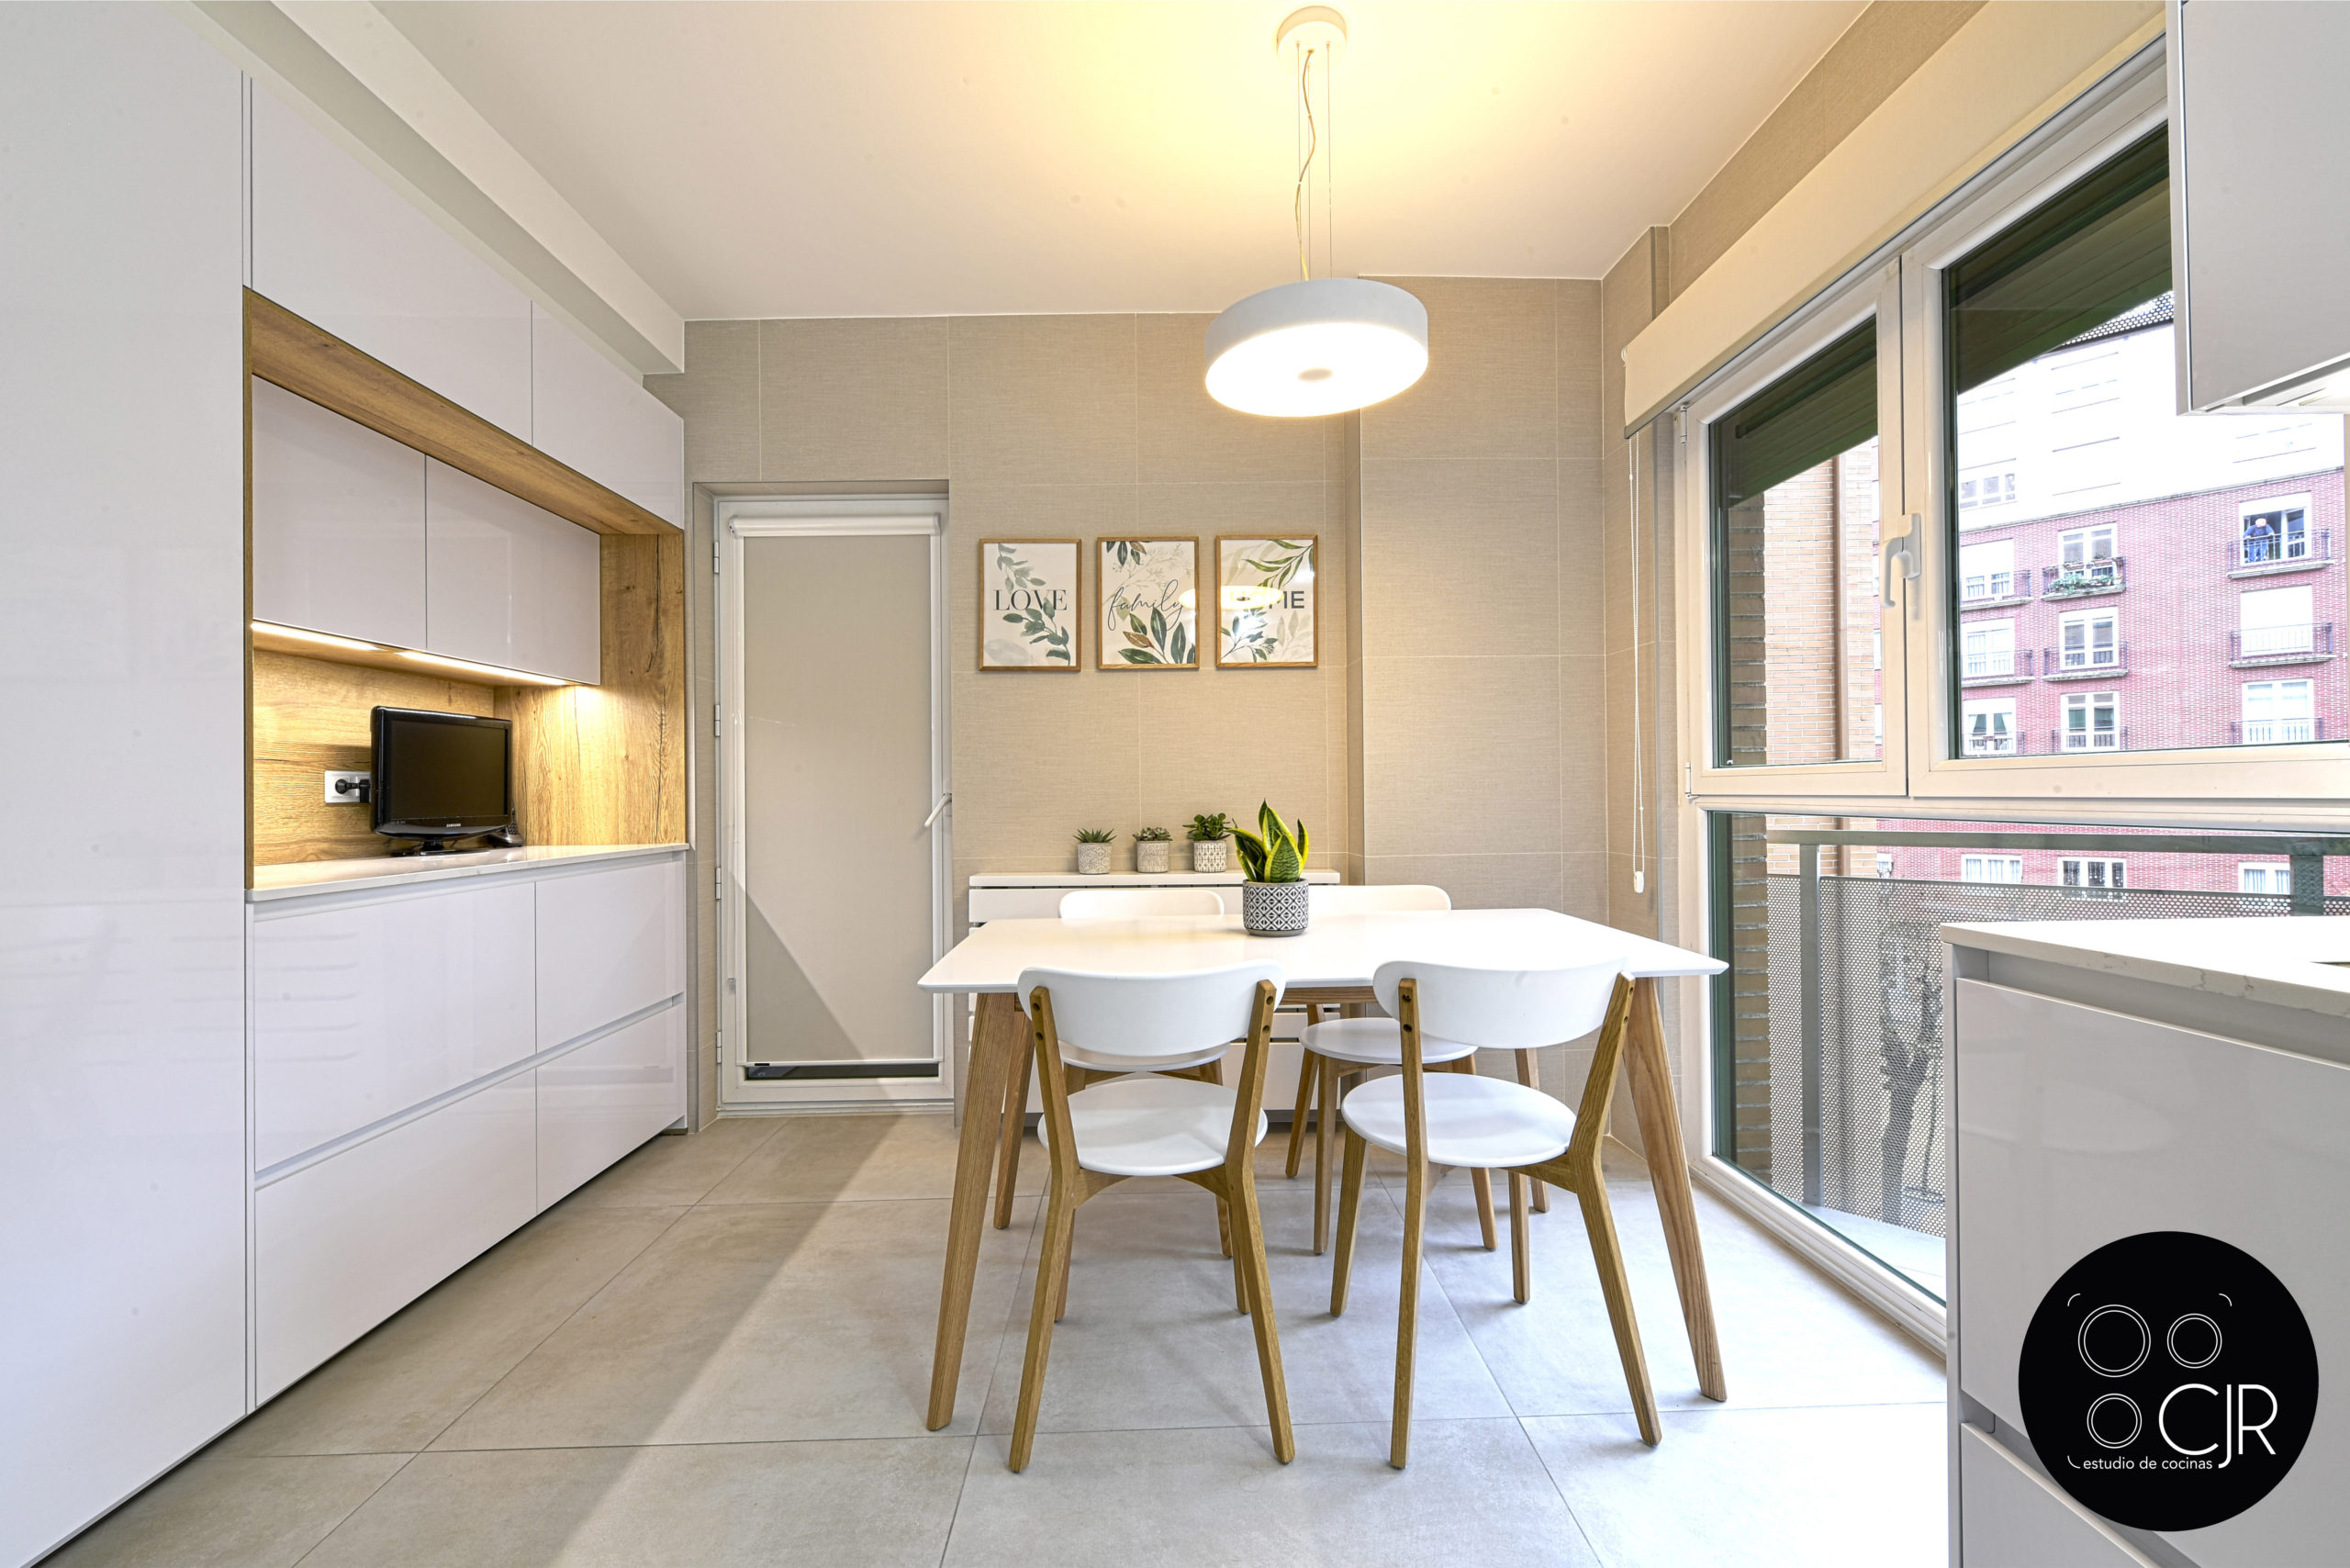 Zona de estar con mesa y sillas en cocina blanca y madera